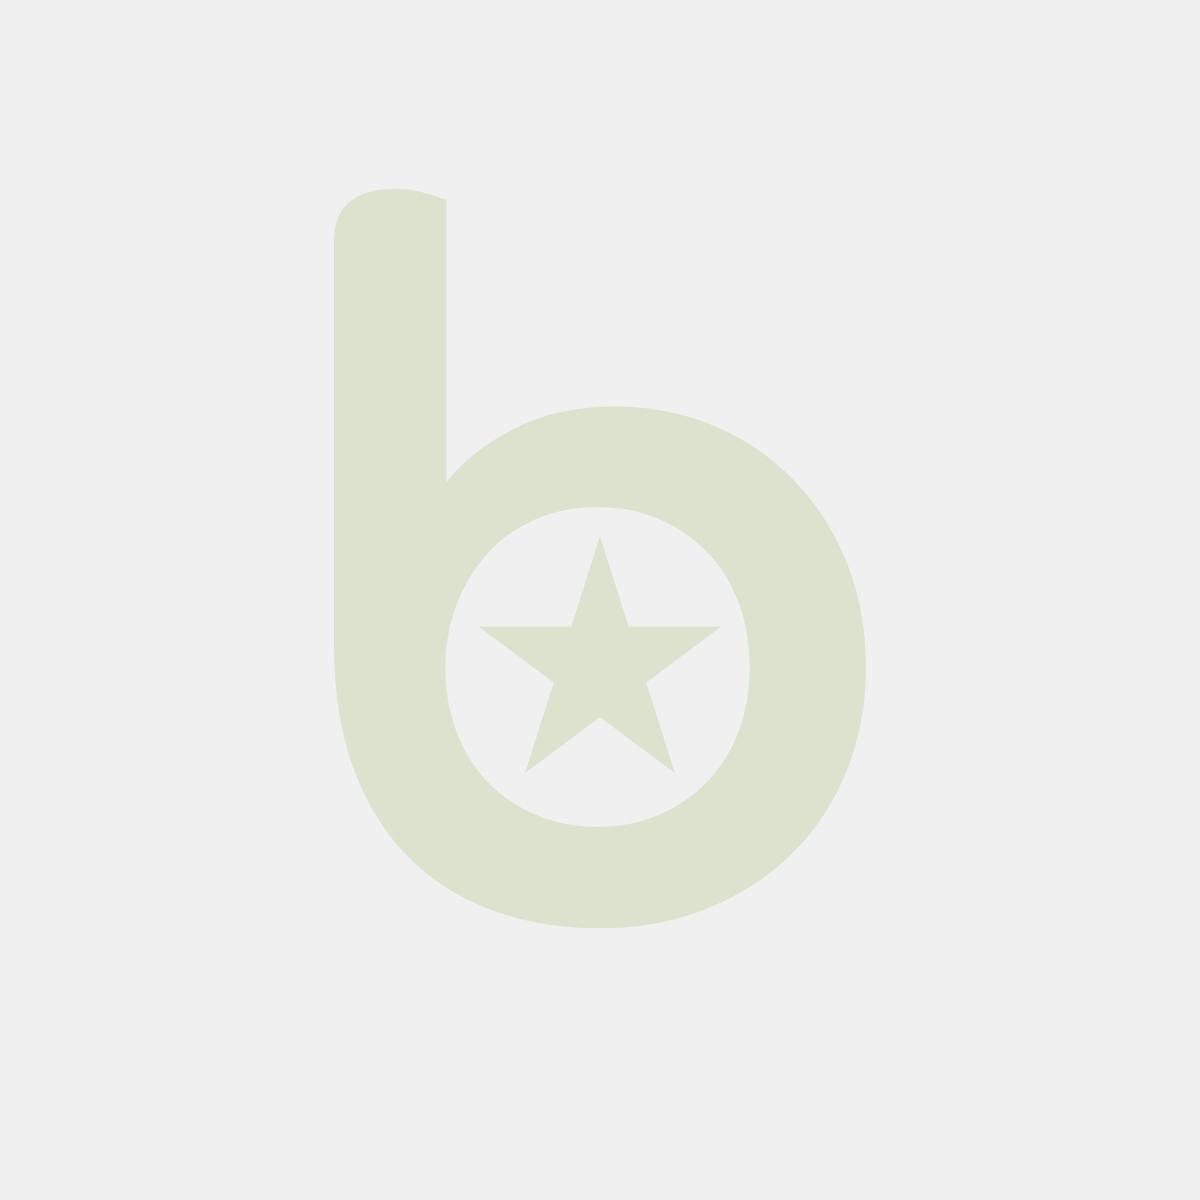 Pojemnik PP czarny obiadowy niedzielony 25,5x18,5cm wysokość 5,5cm, mikrofala, op.50szt